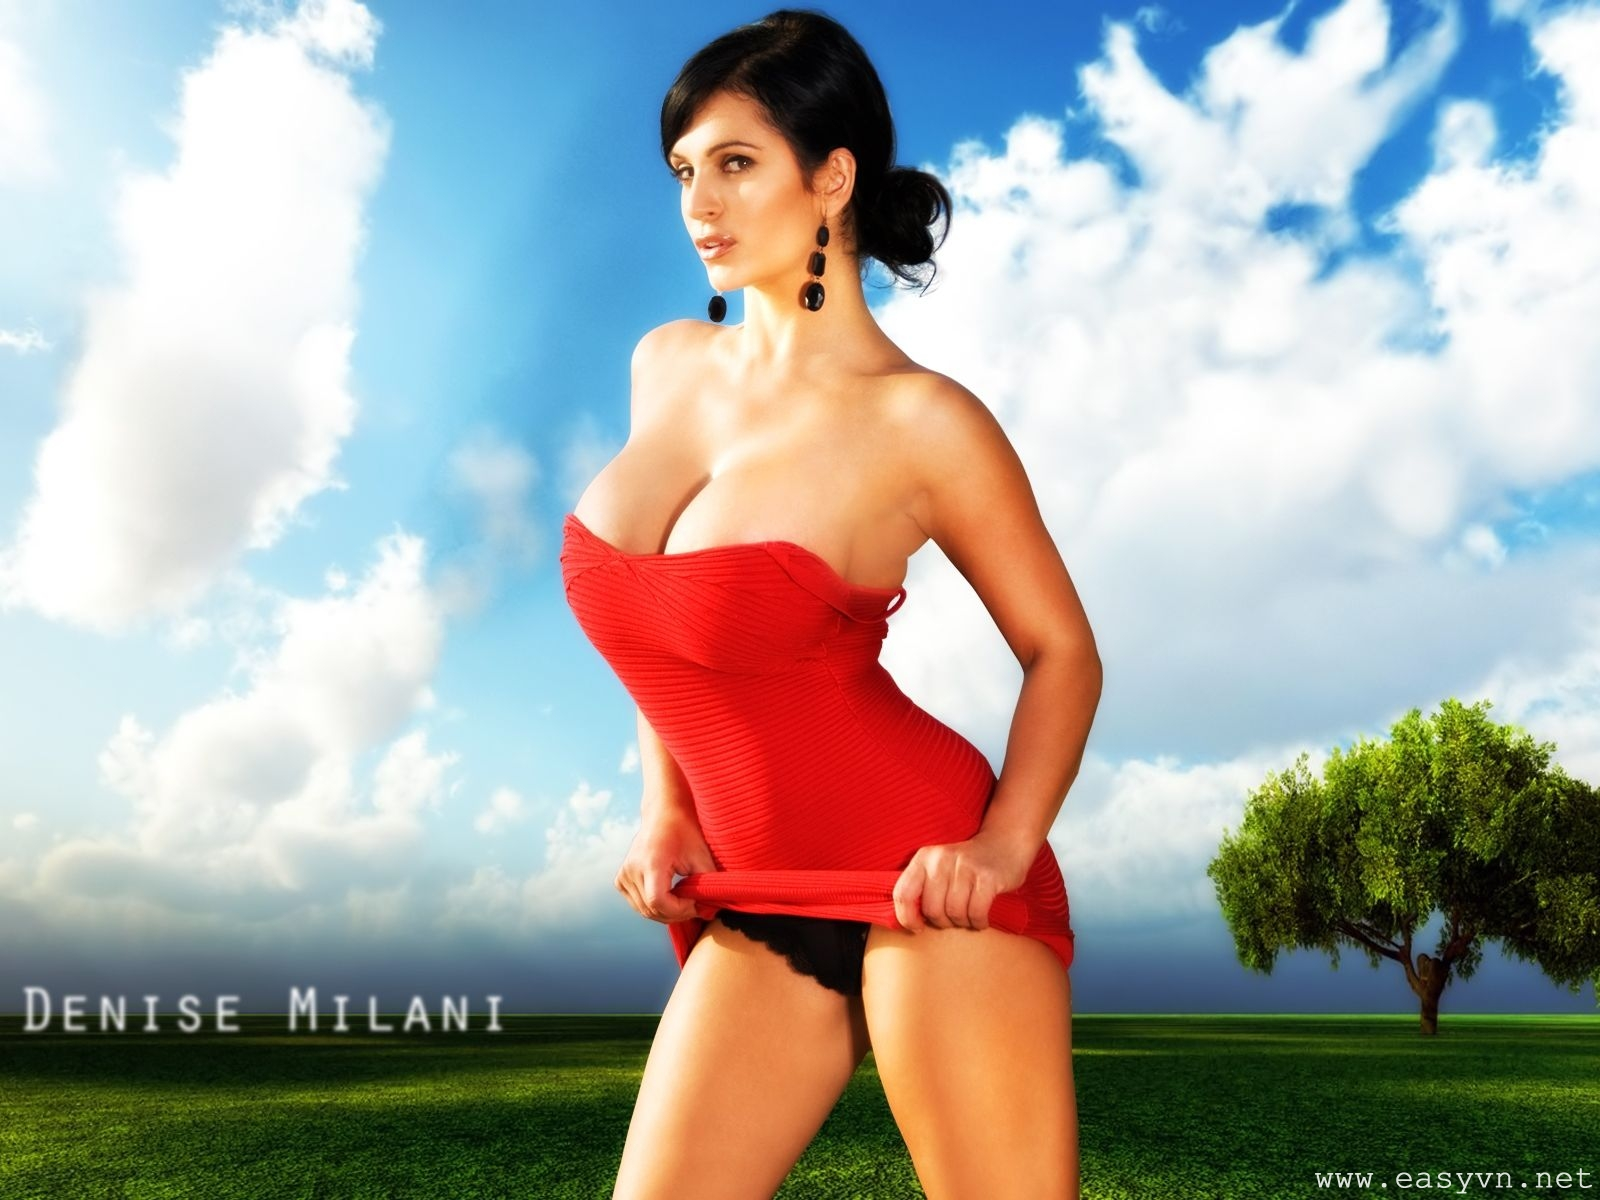 Hot Naked Muscle Girls Hot Girls Wallpaper